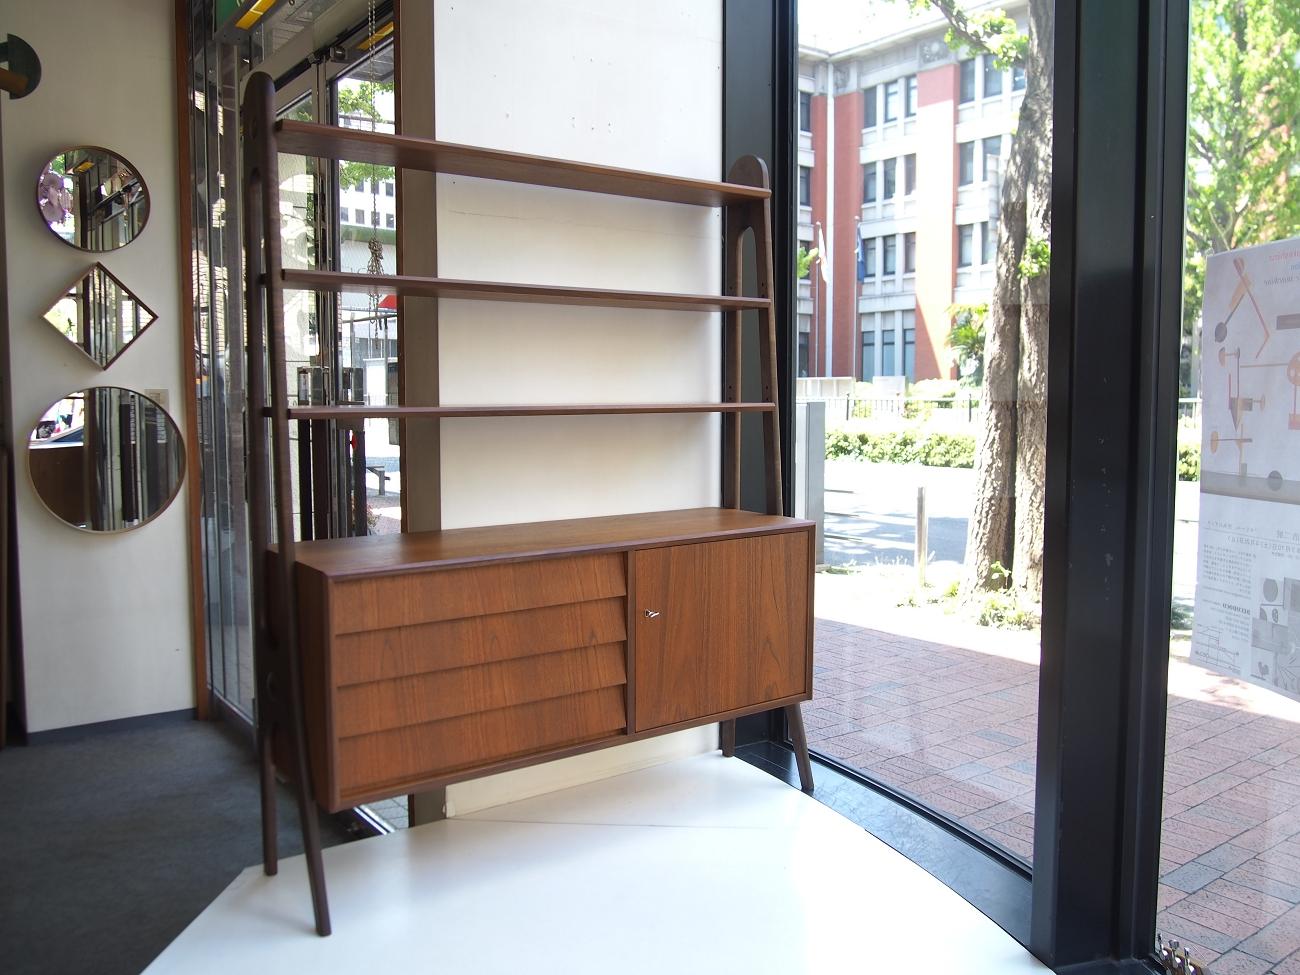 ビンテージ北欧家具のオープンシェルフ